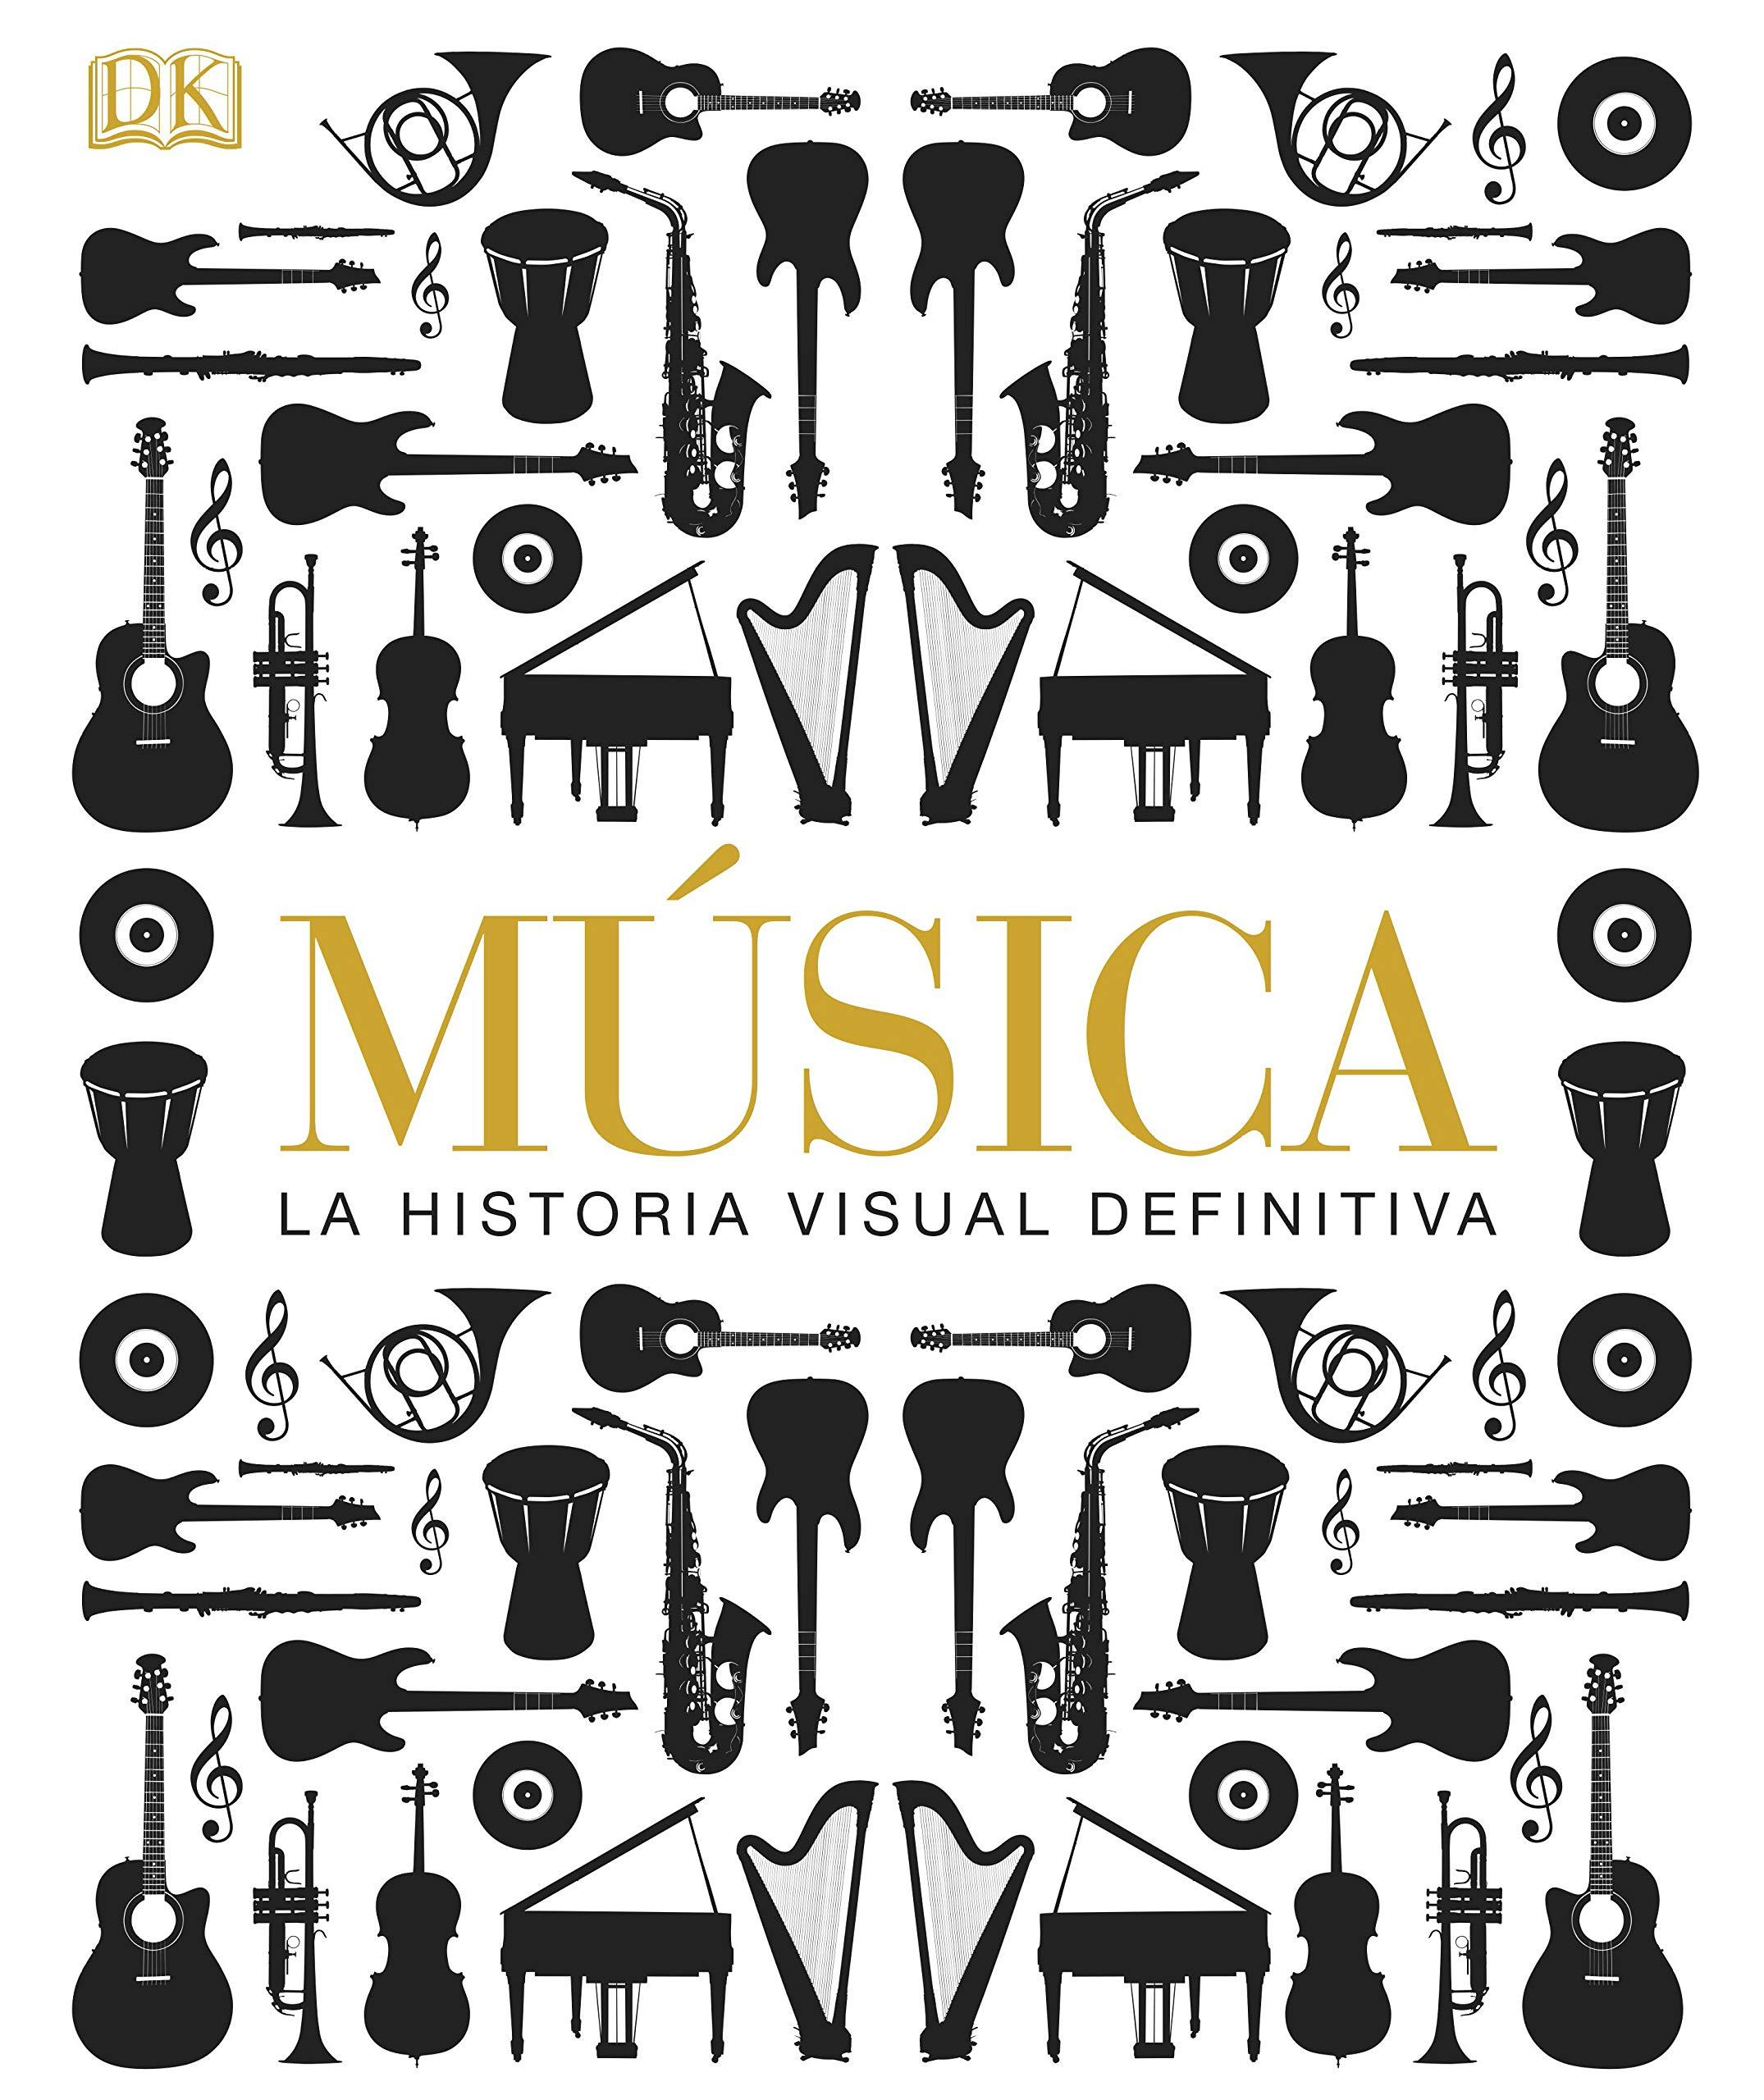 Música, La Historia Visual Definitiva (Gran formato): Amazon.es: Varios autores: Libros